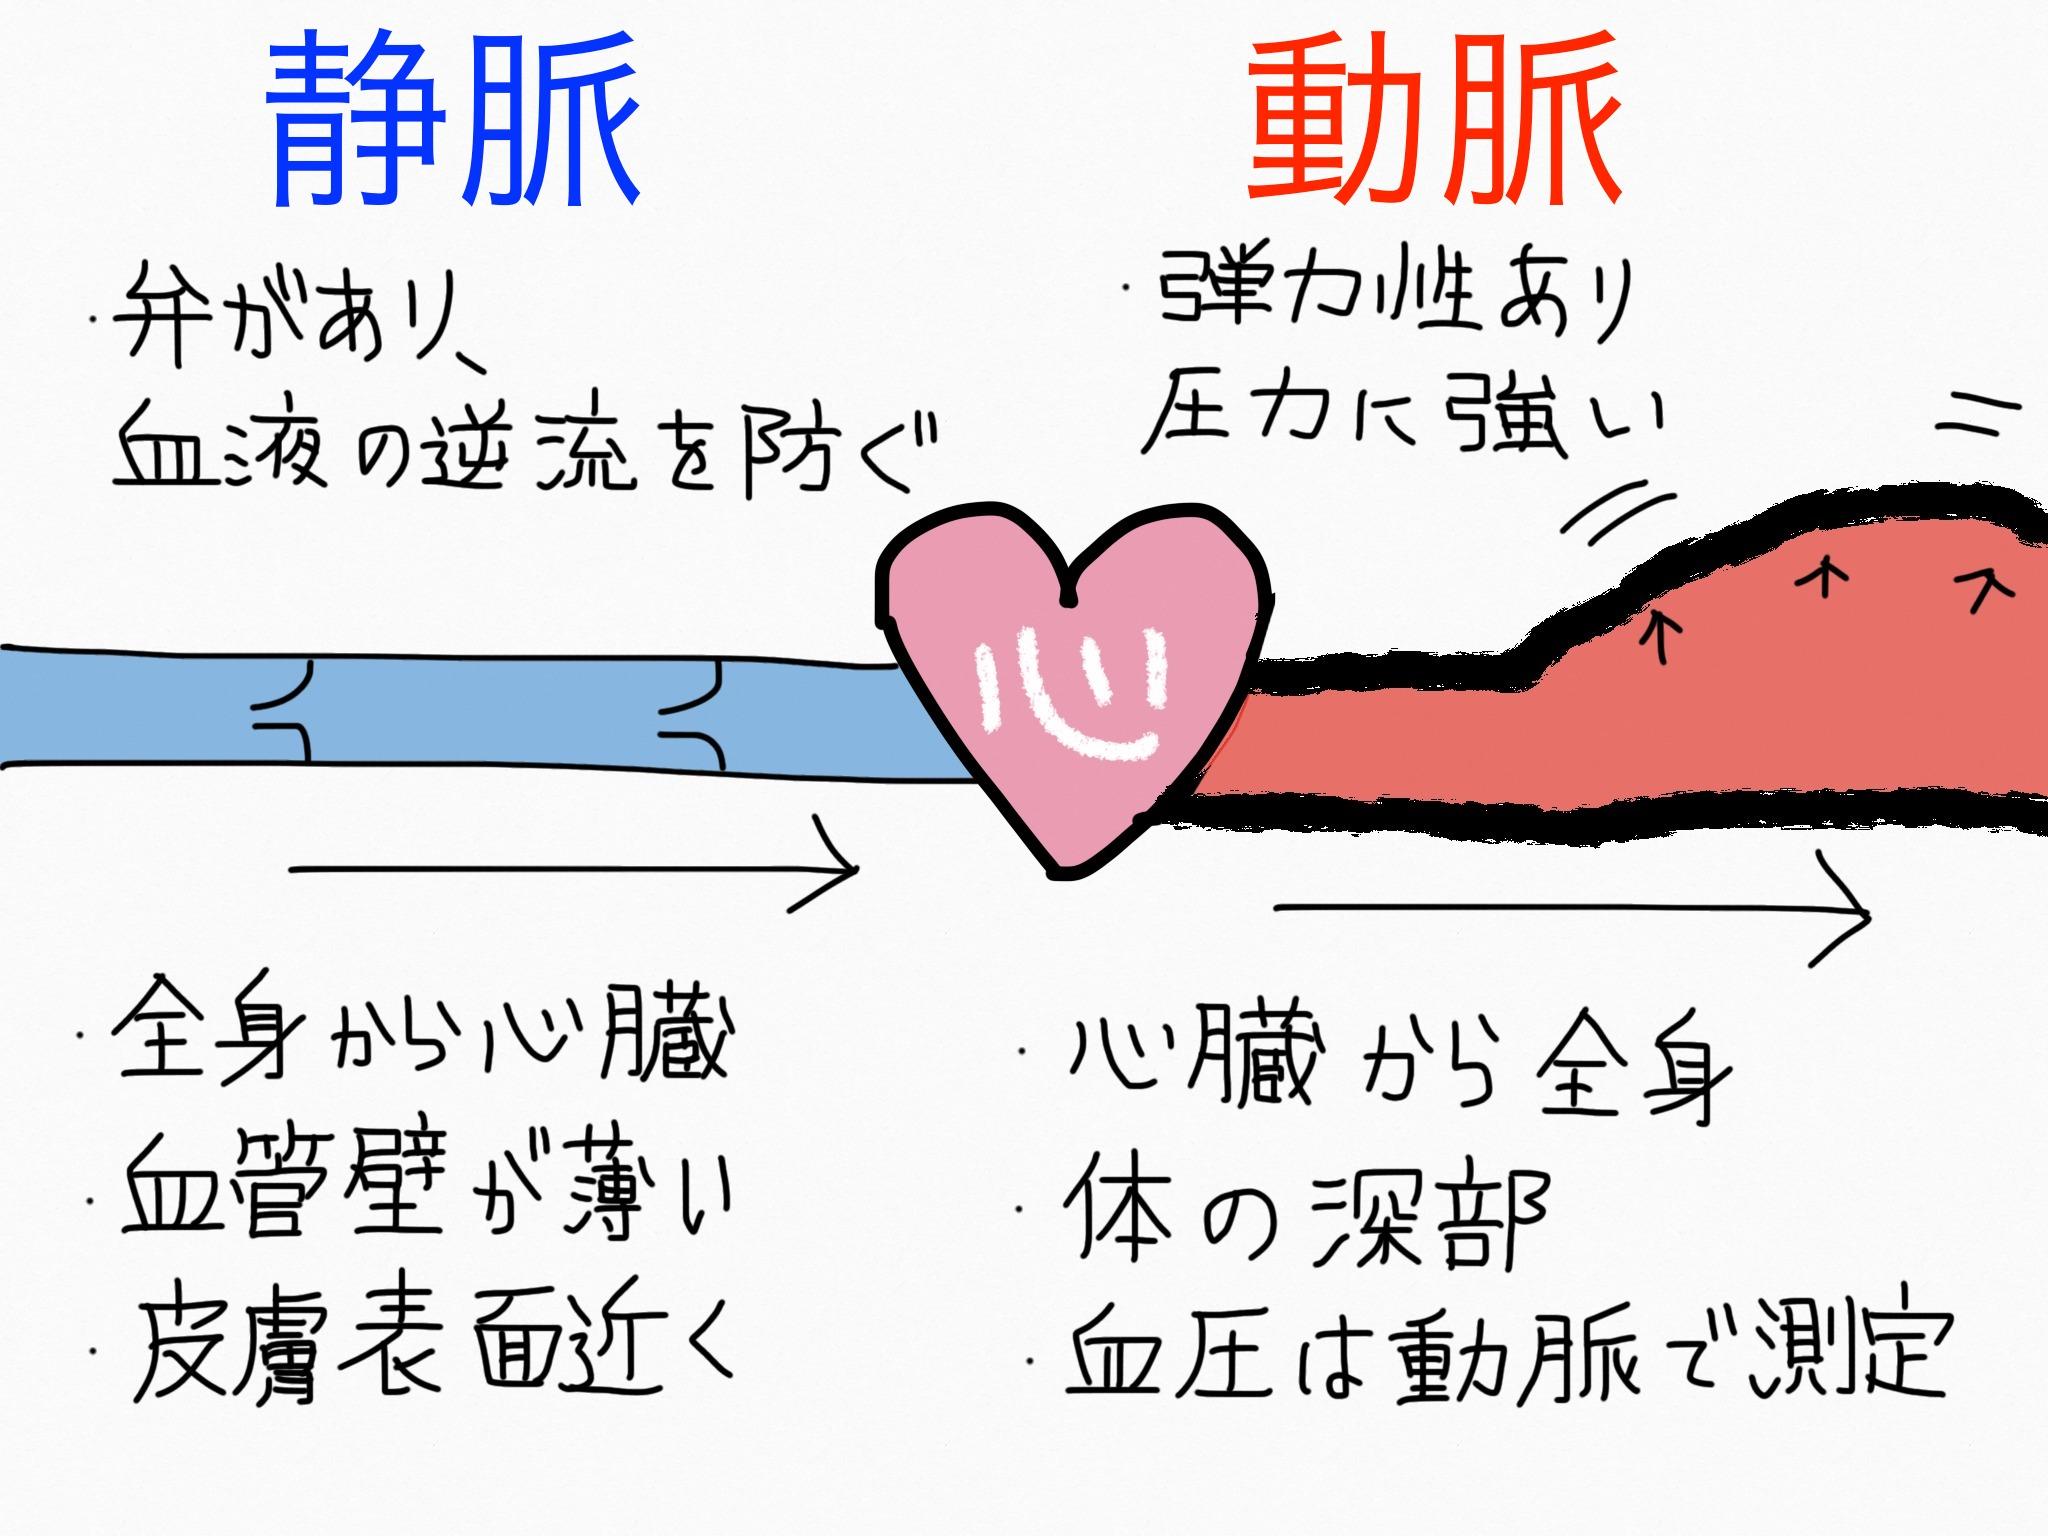 循環器系/血管系(動脈、静脈、毛細血管)【第2章の覚え方】